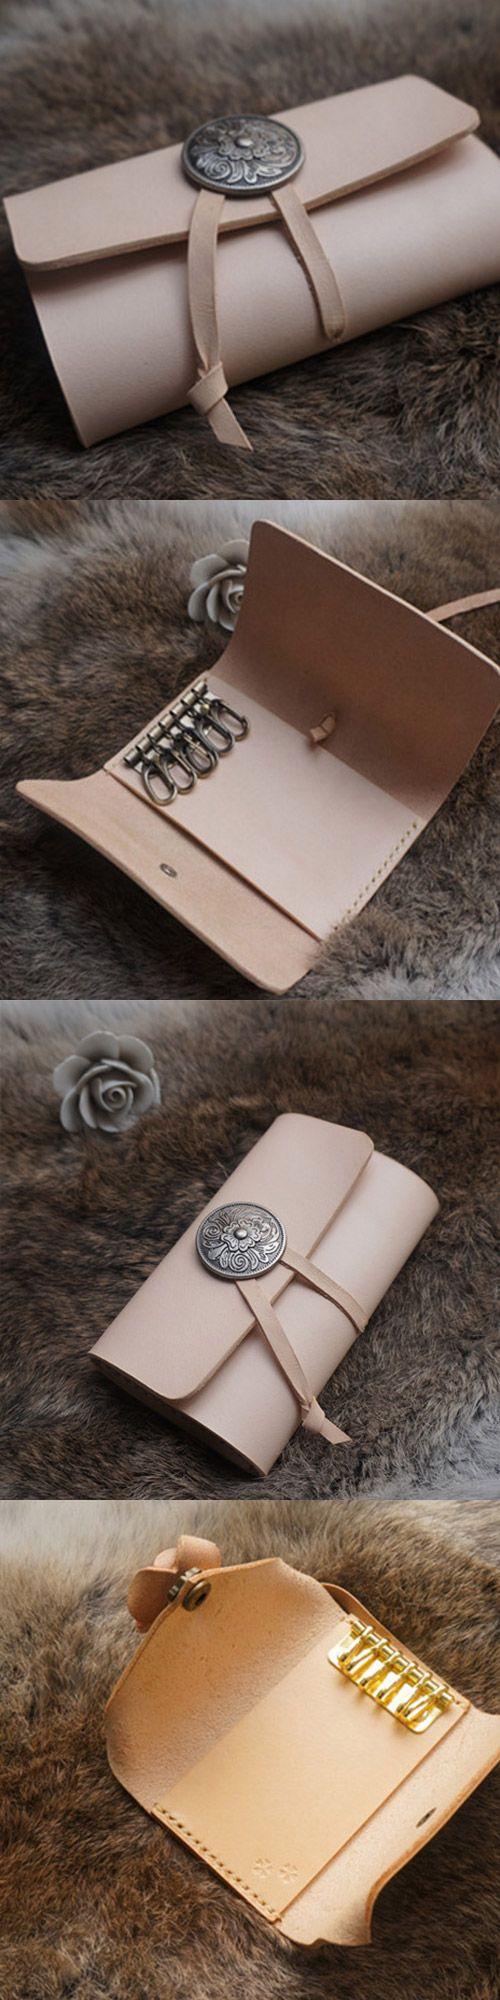 Handmade leather vintage women short keys wallet wallet purse wallet